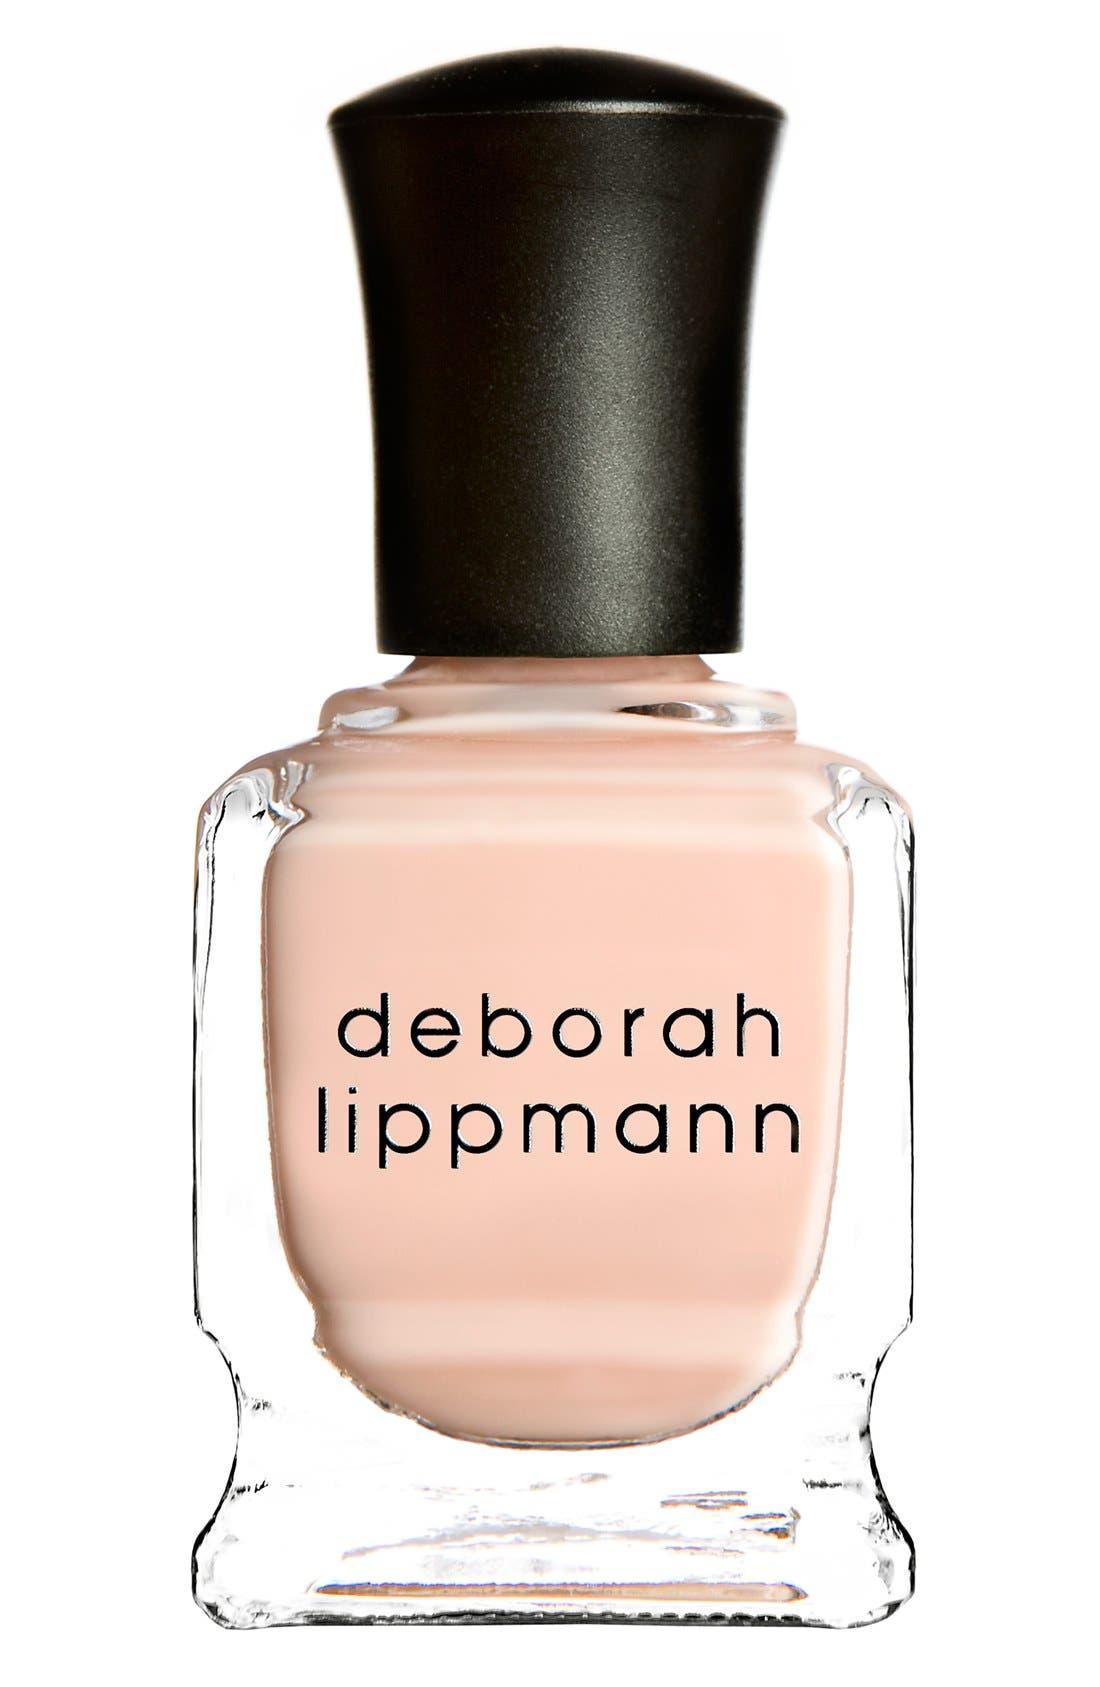 Deborah Lippmann 'All About That Base' CC Base Coat Correct & Conceal